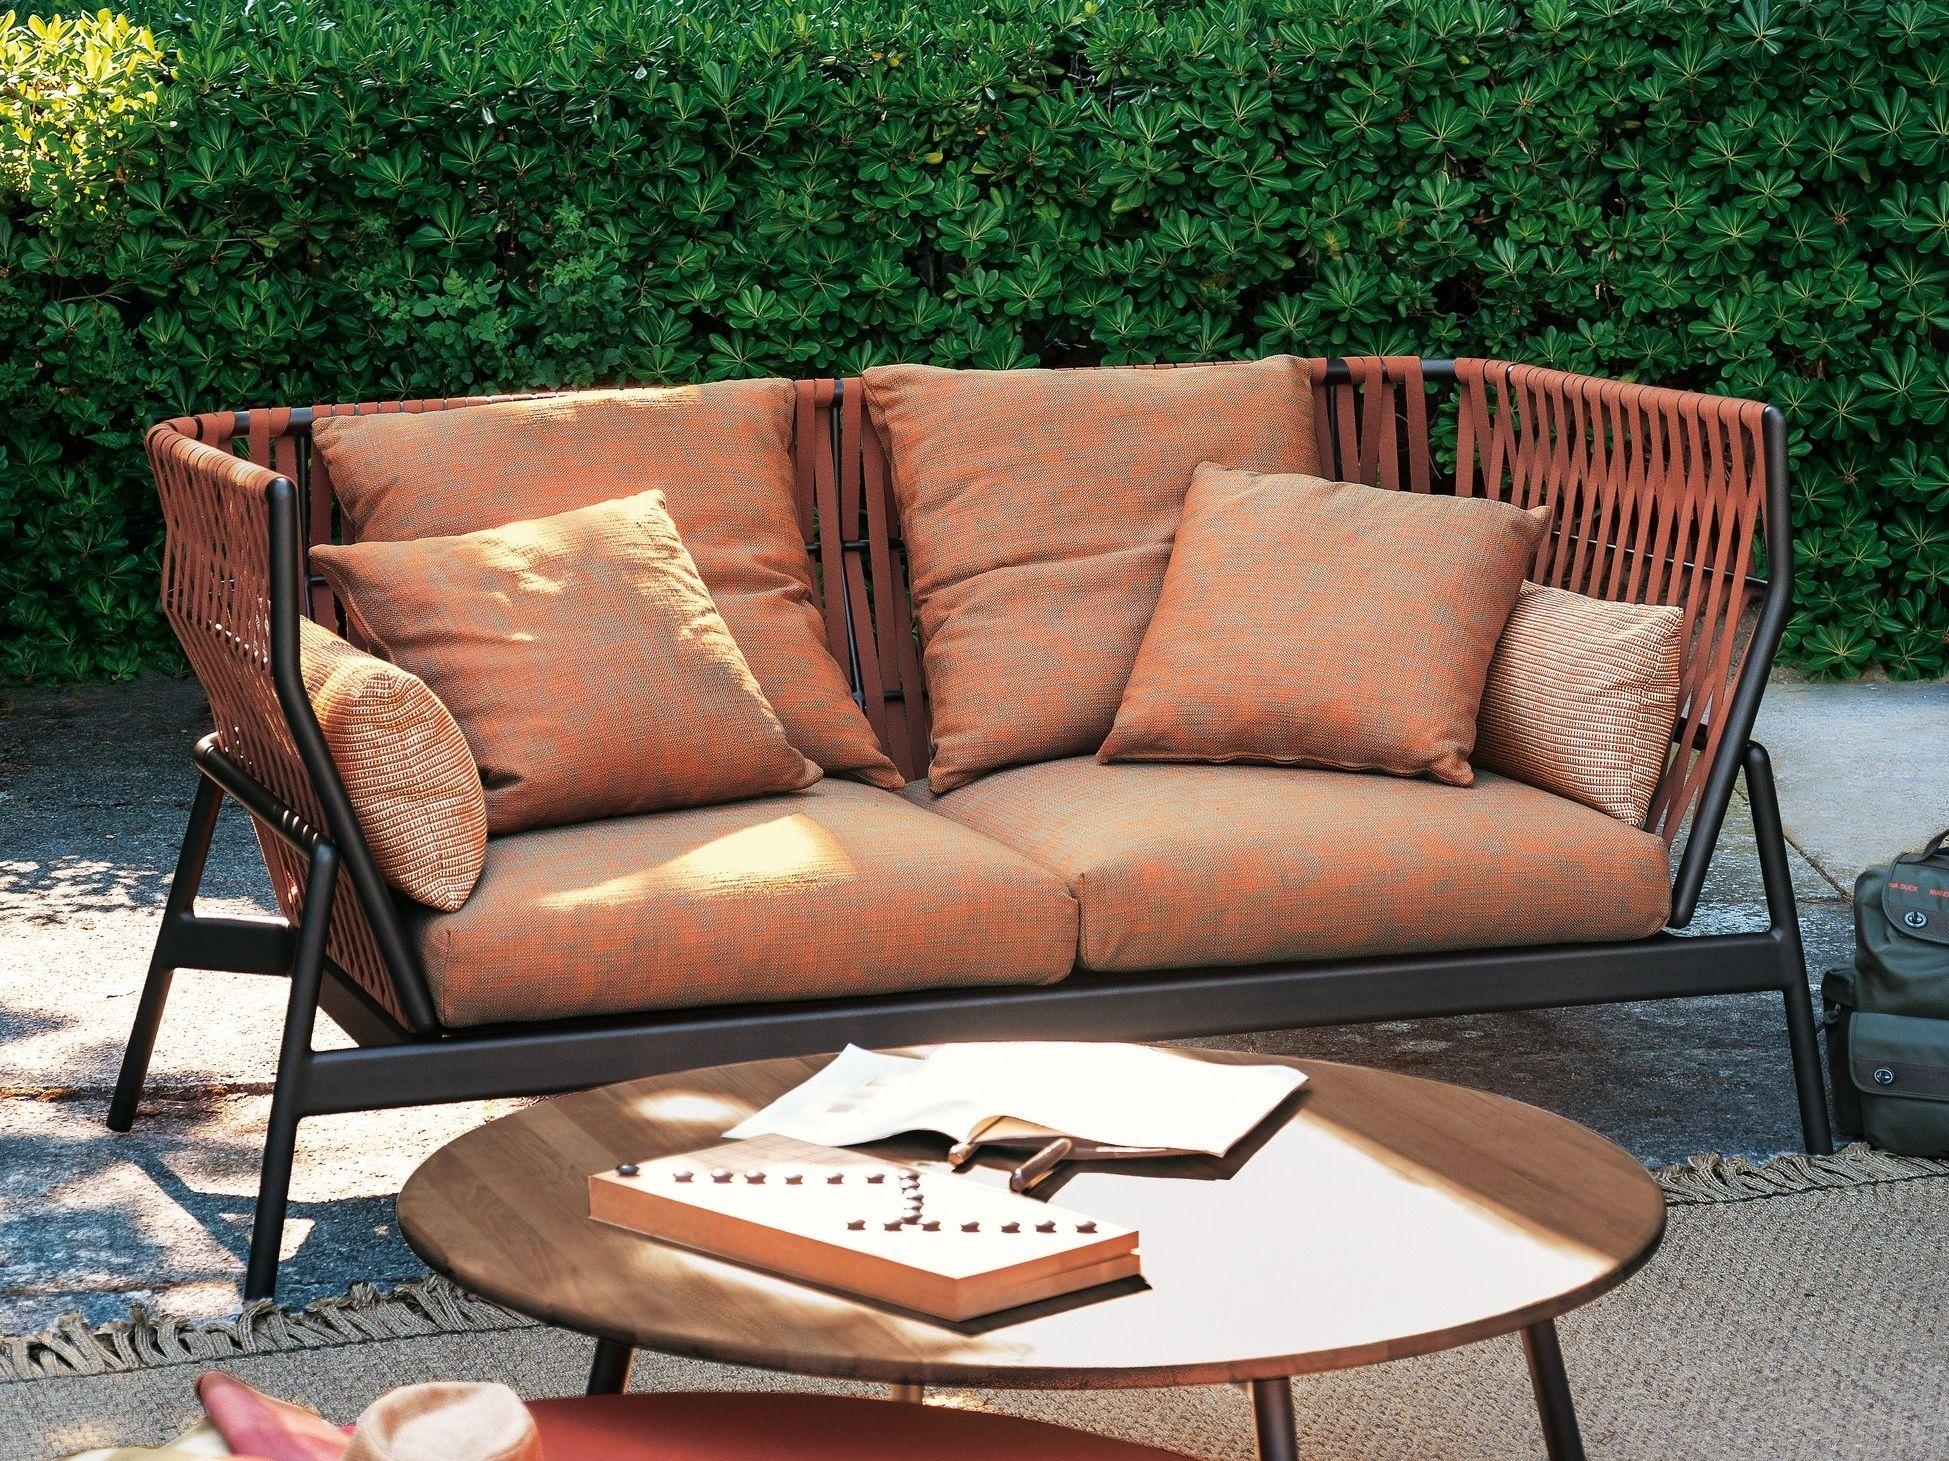 Piper 2 Seater Garden Sofa By Roda Garden Sofa Outdoor Furniture Sofa